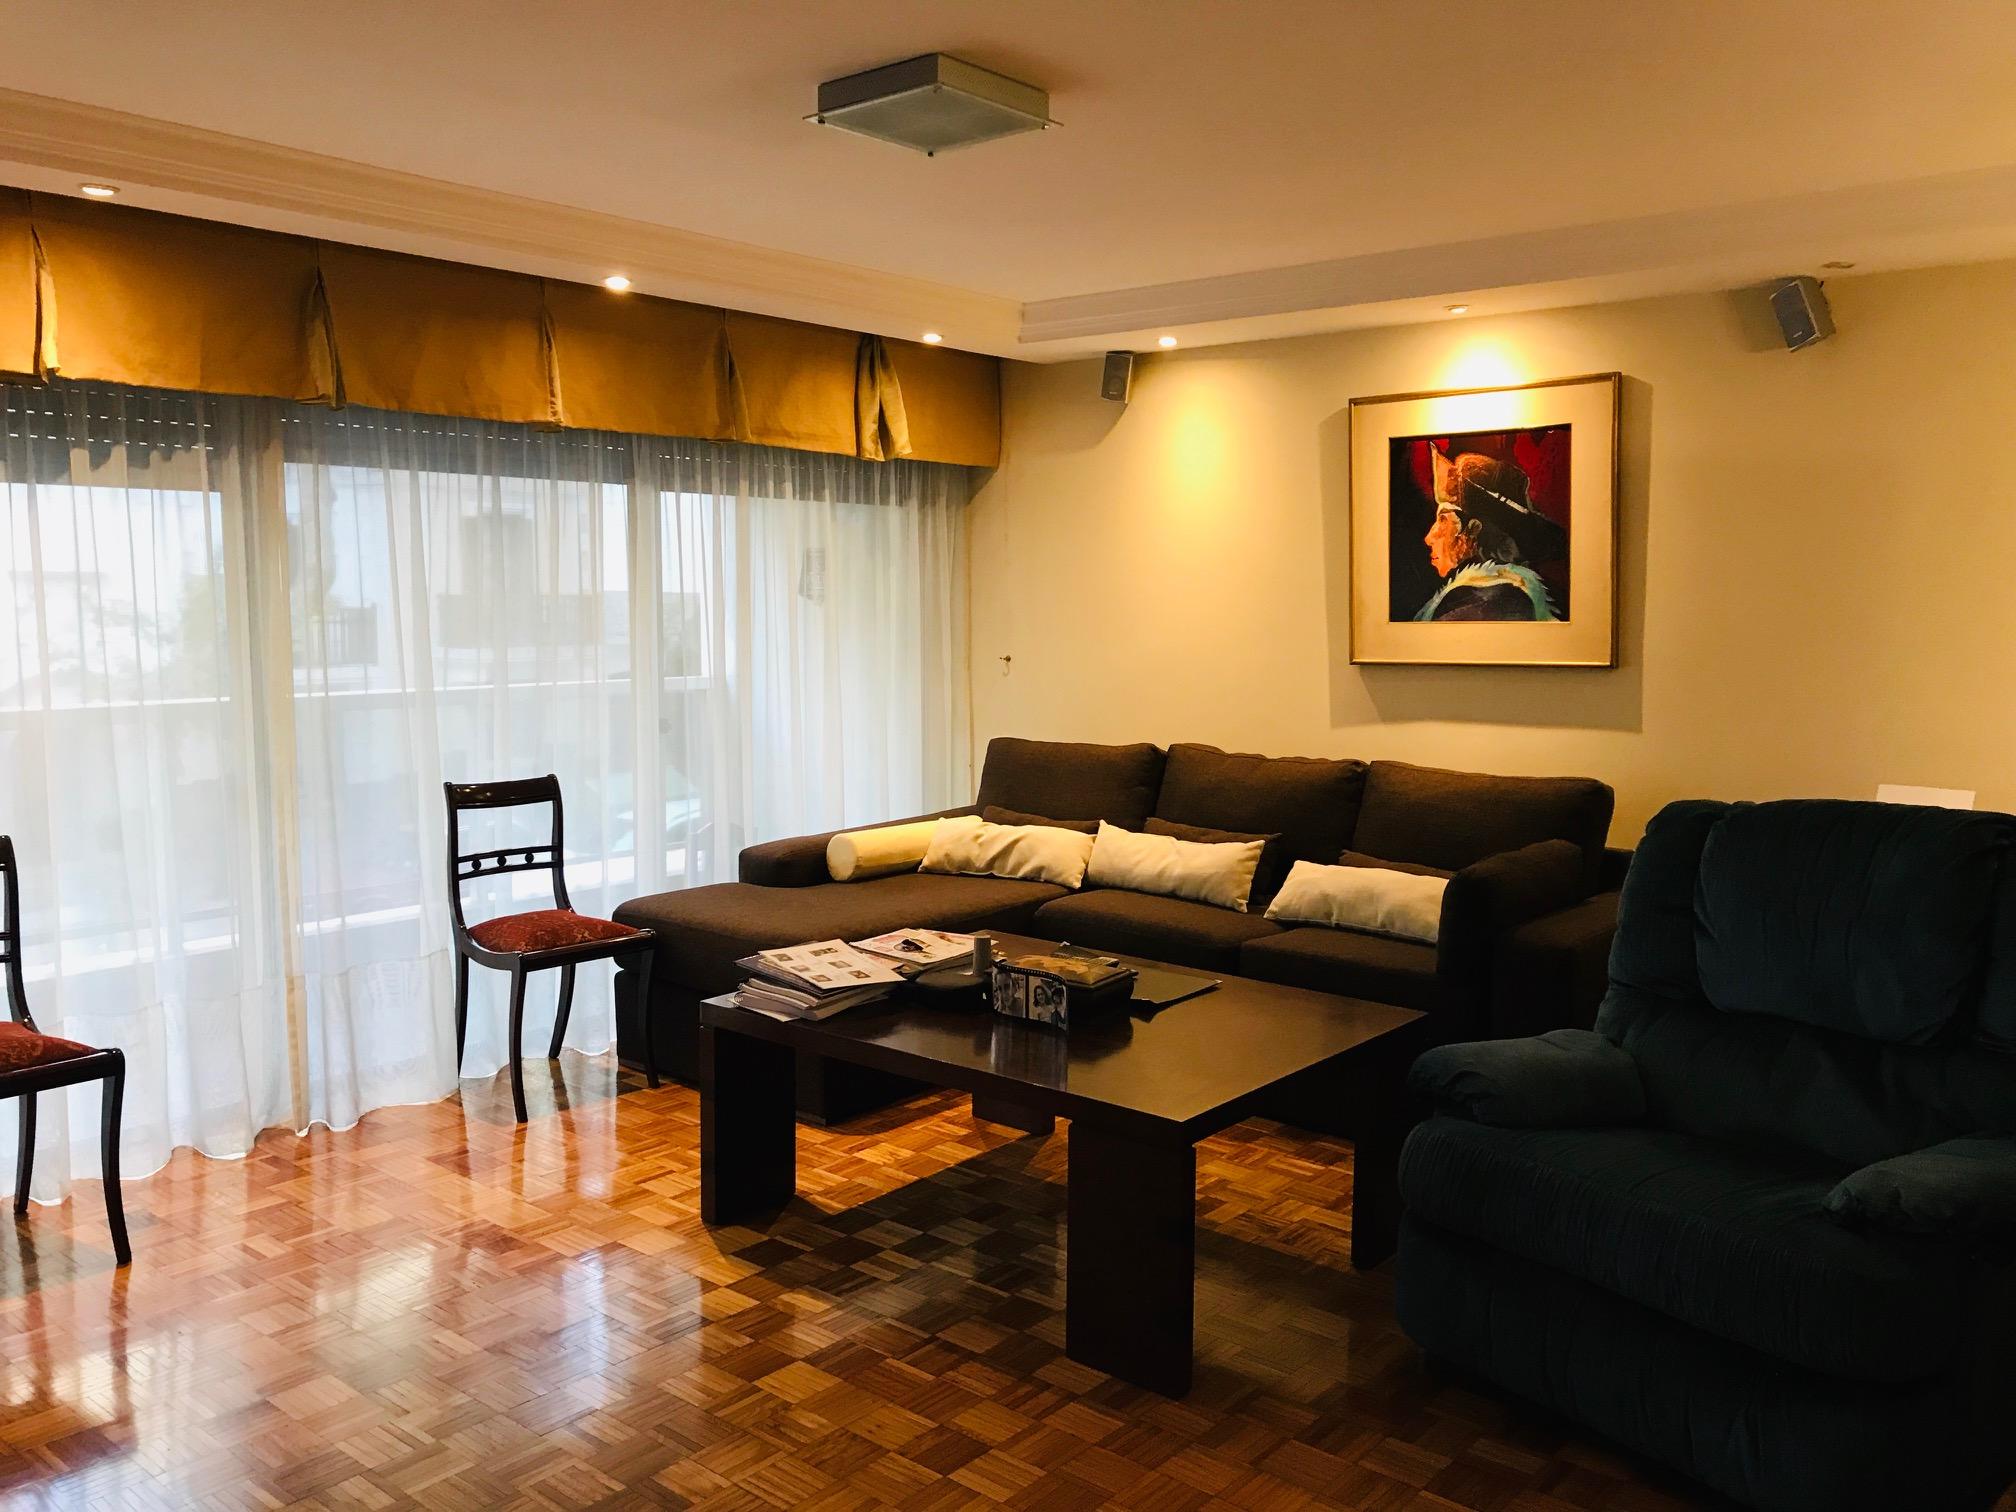 Divino Apartamento Con Patio En Punta Carretas